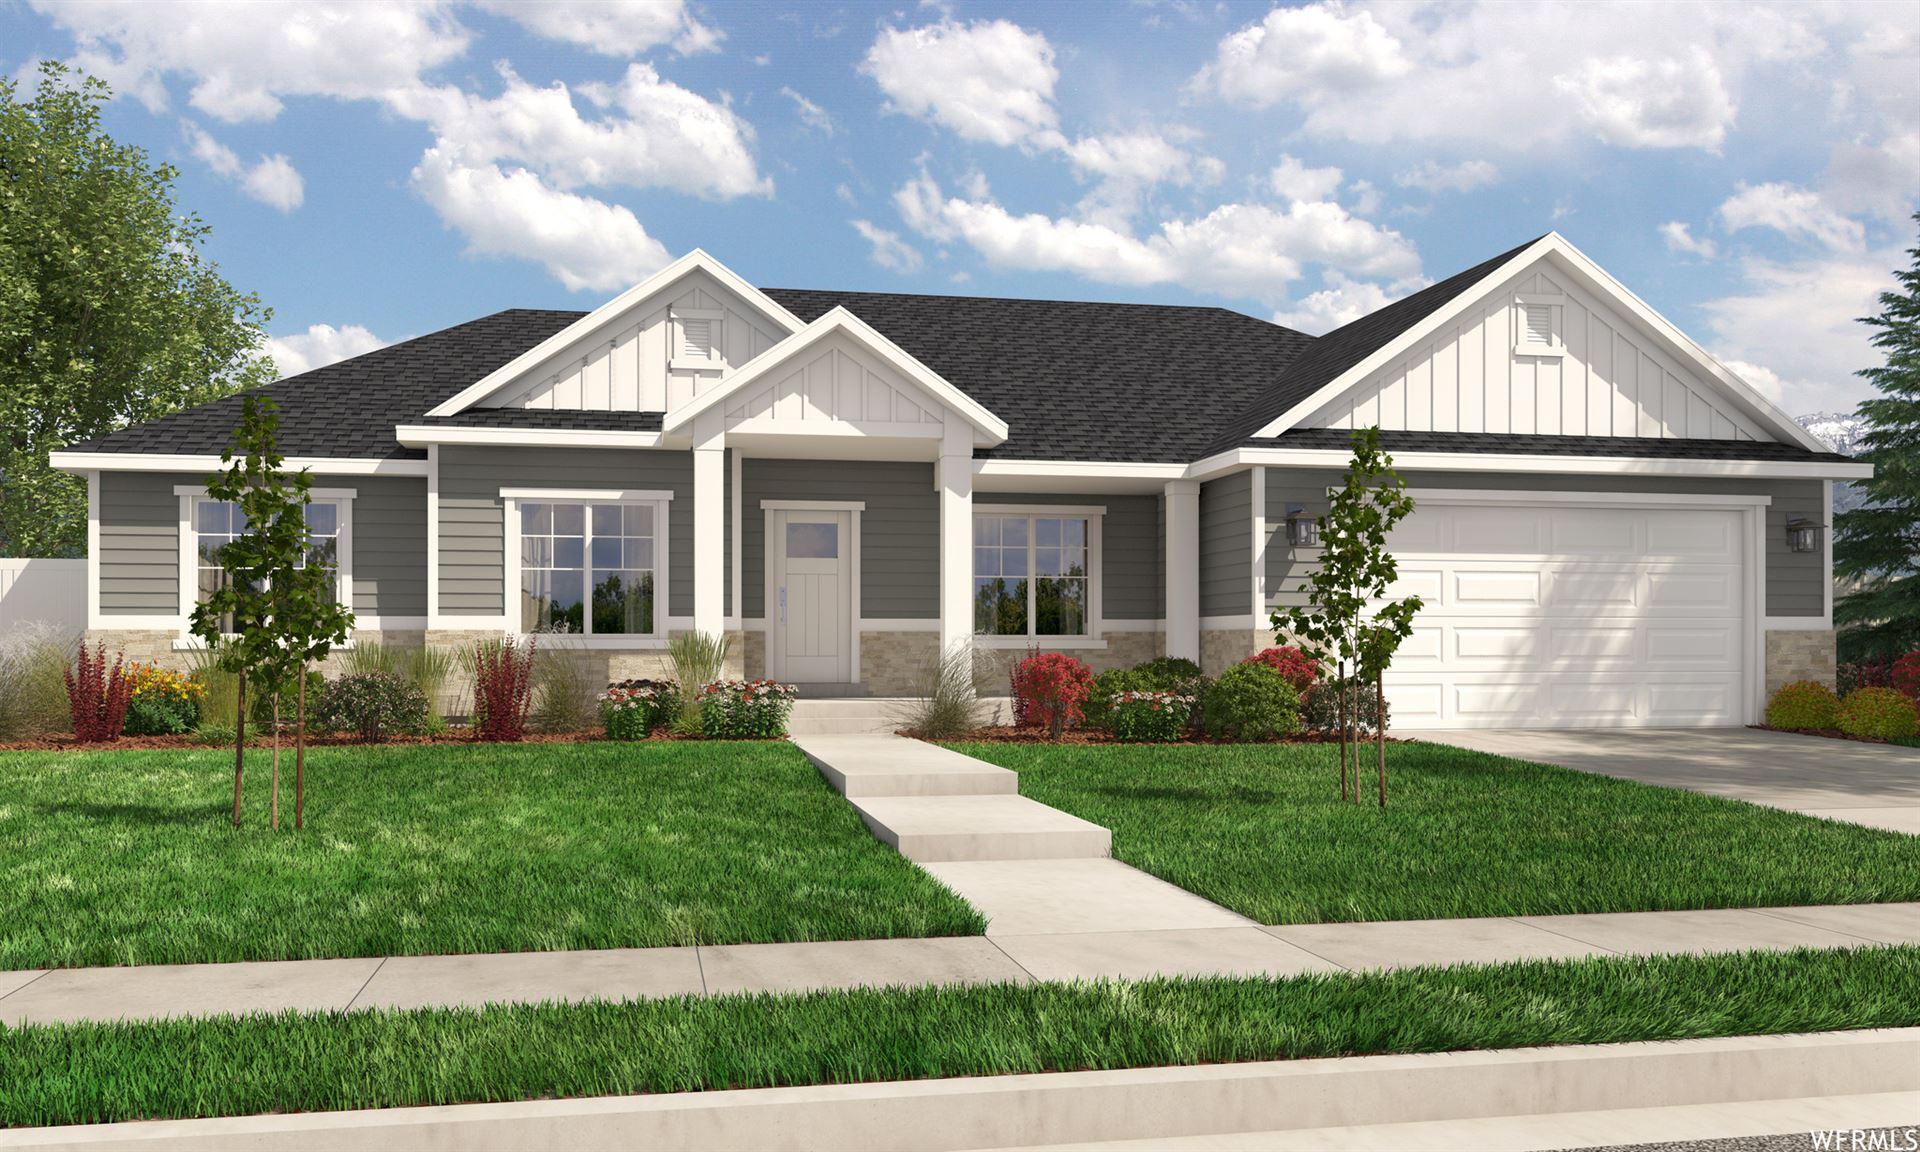 Photo of 1437 N 580 W #103, Saratoga Springs, UT 84043 (MLS # 1734003)